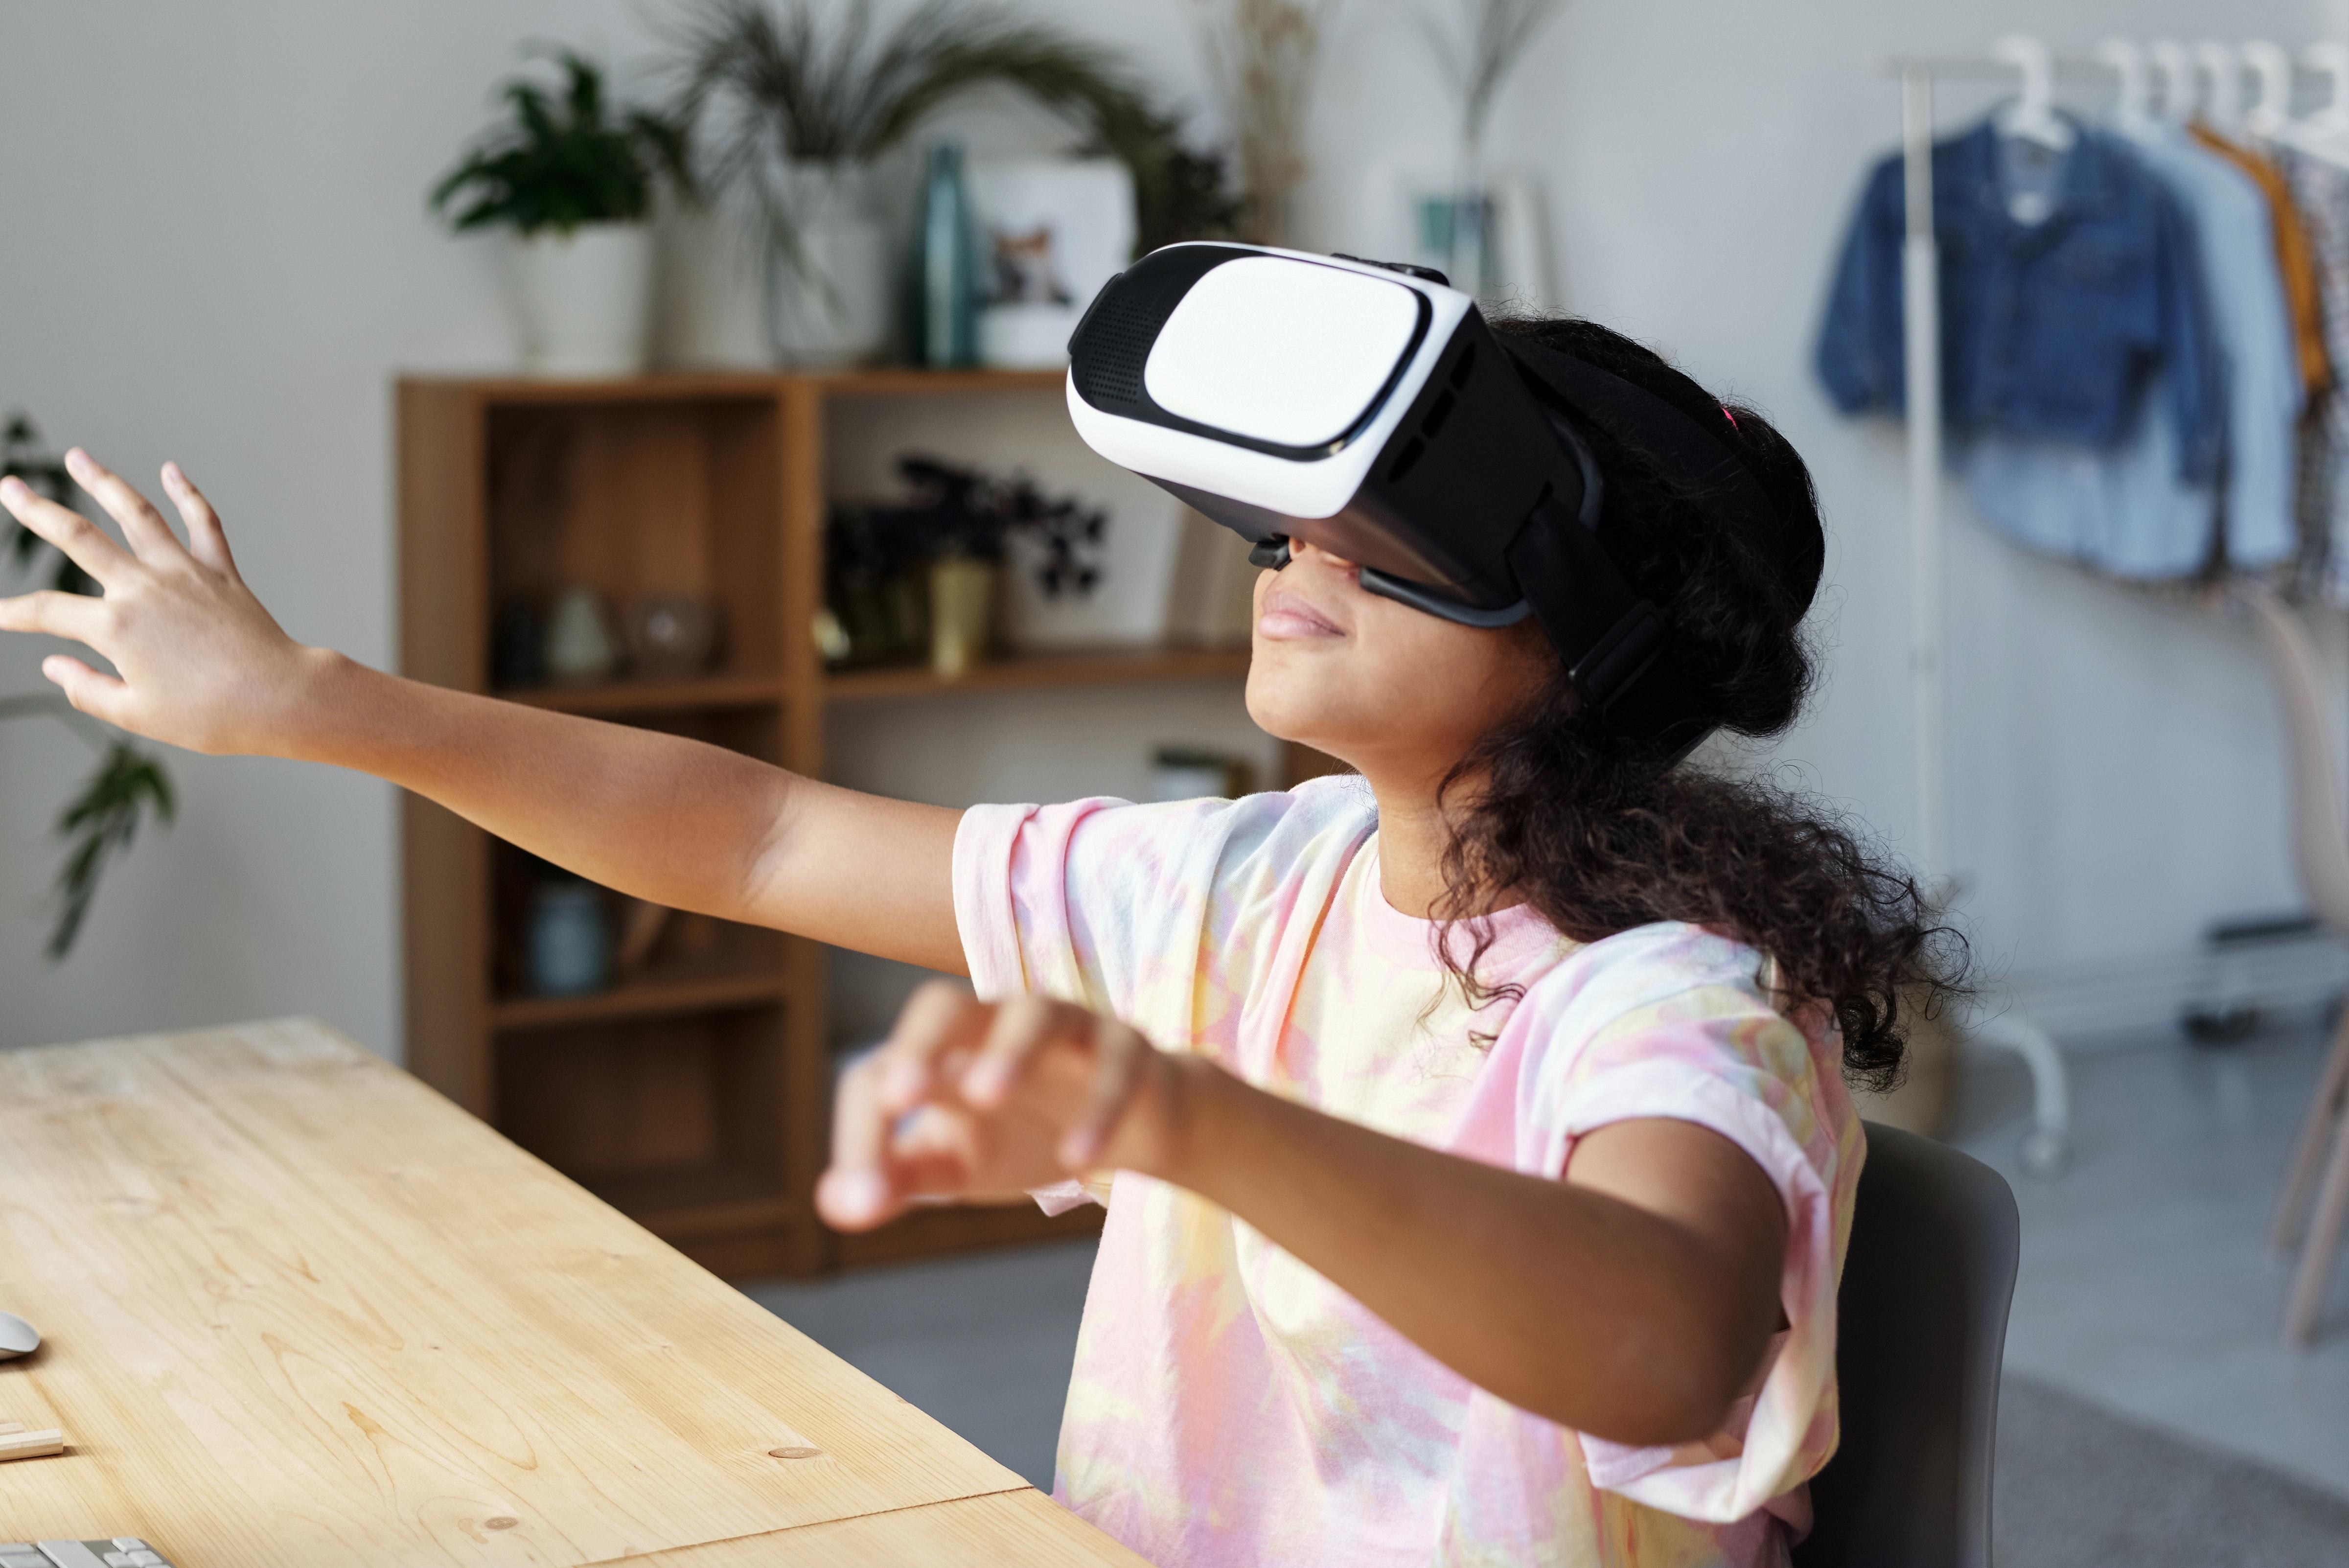 Aktivitetet që iu ndihmojnë që fëmijët tuaj të qëndrojnë larg teknologjisë